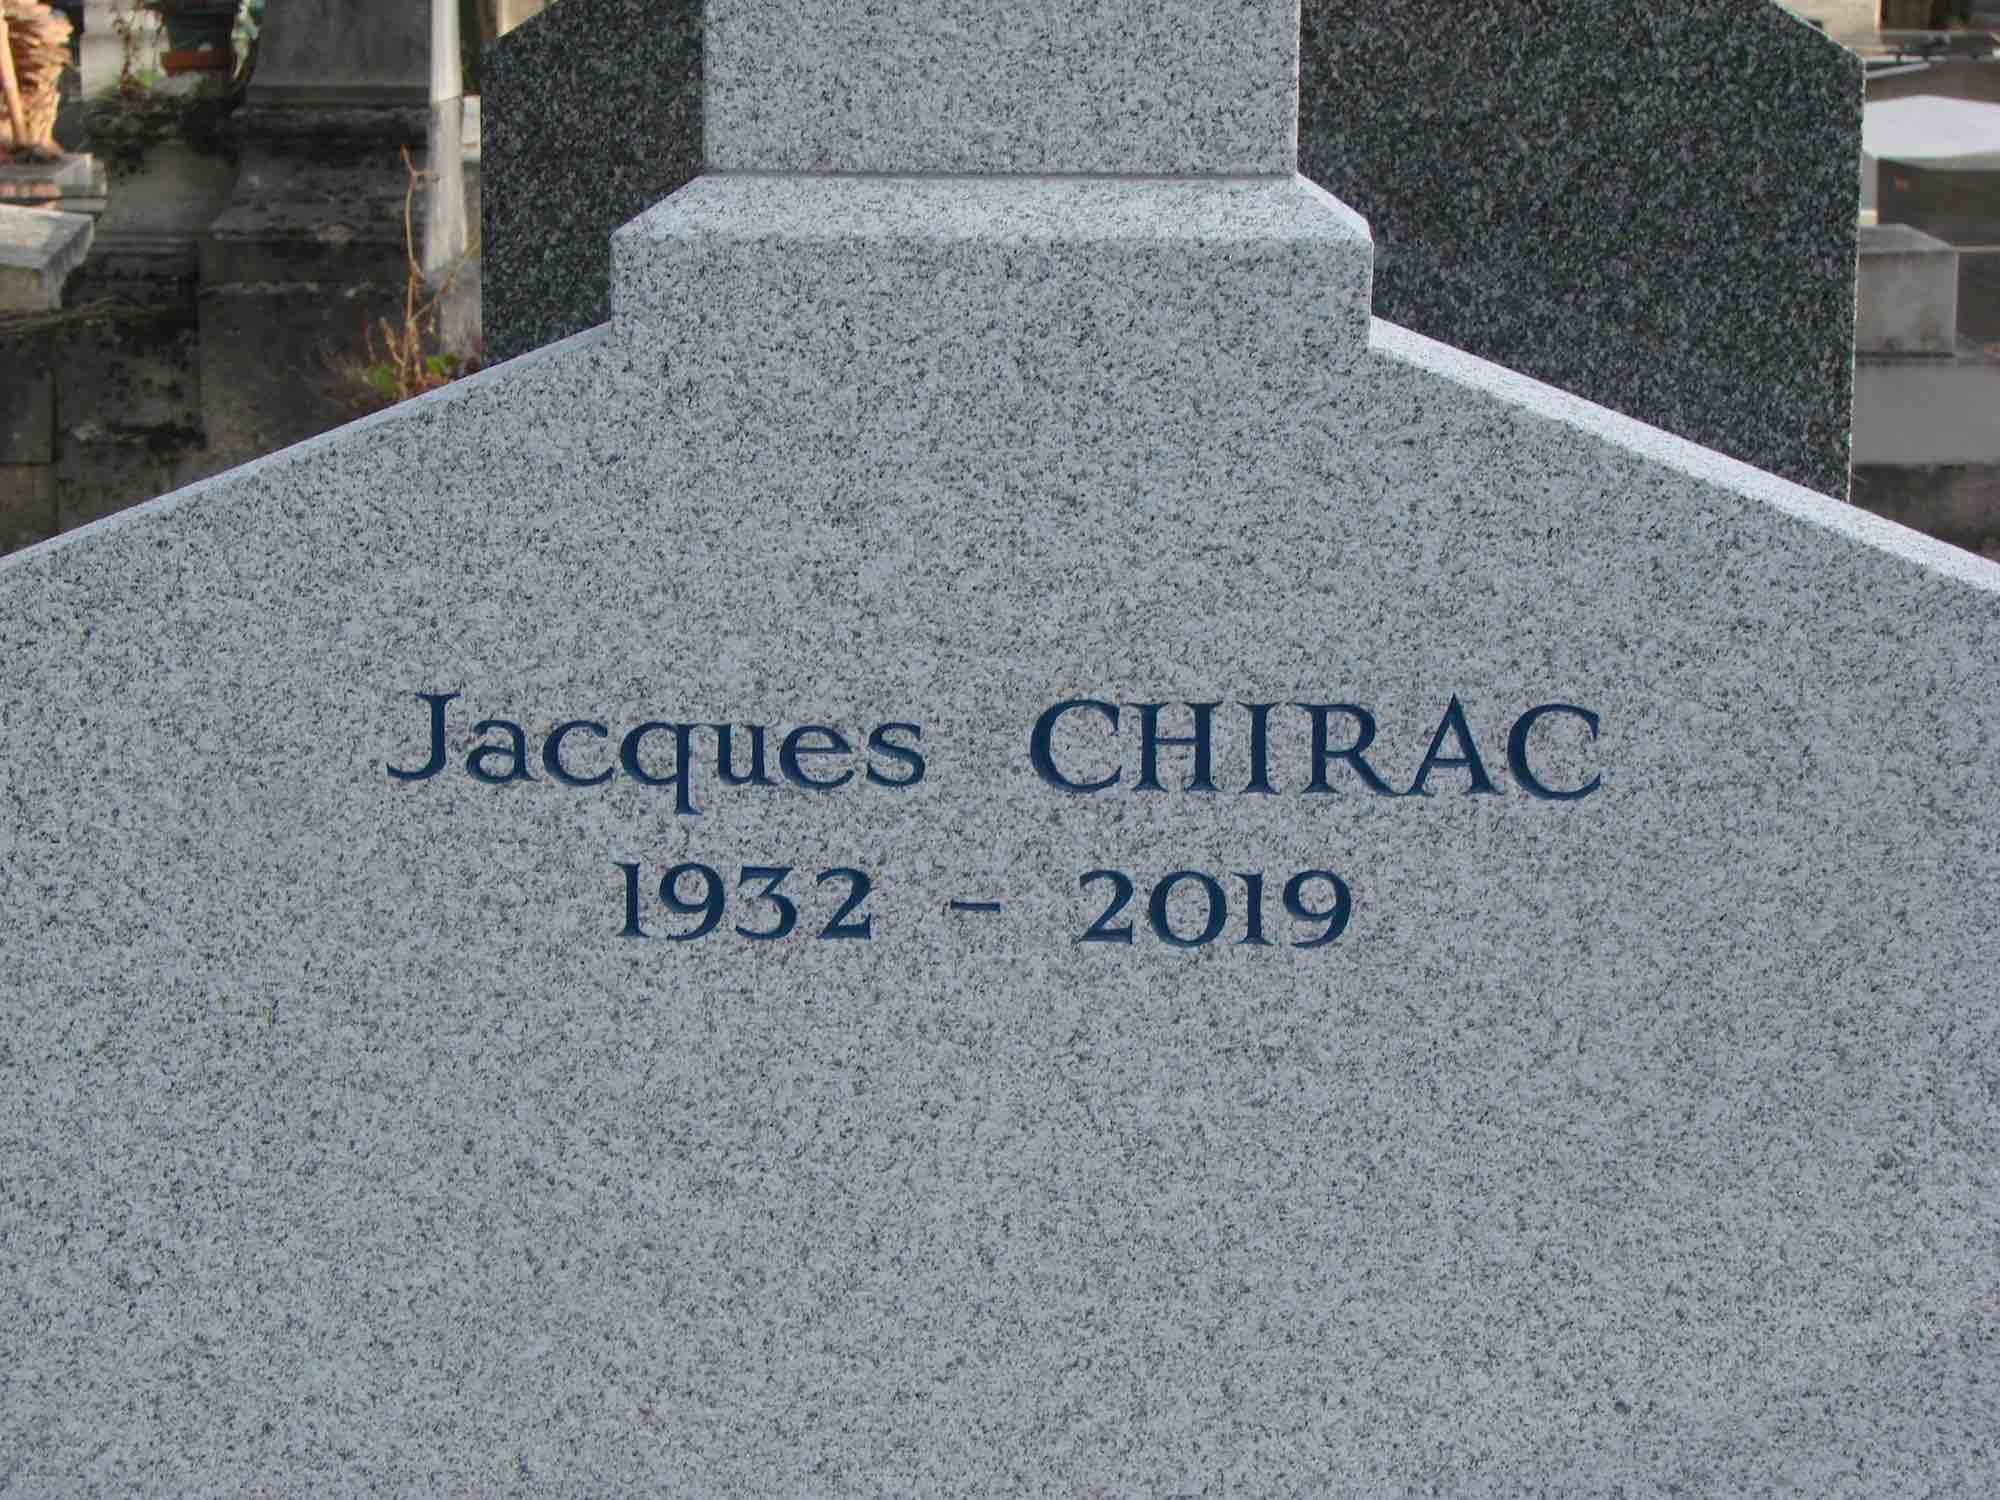 La sépulture de Jacques Chirac au cimetière du Montparnasse © DG/PT